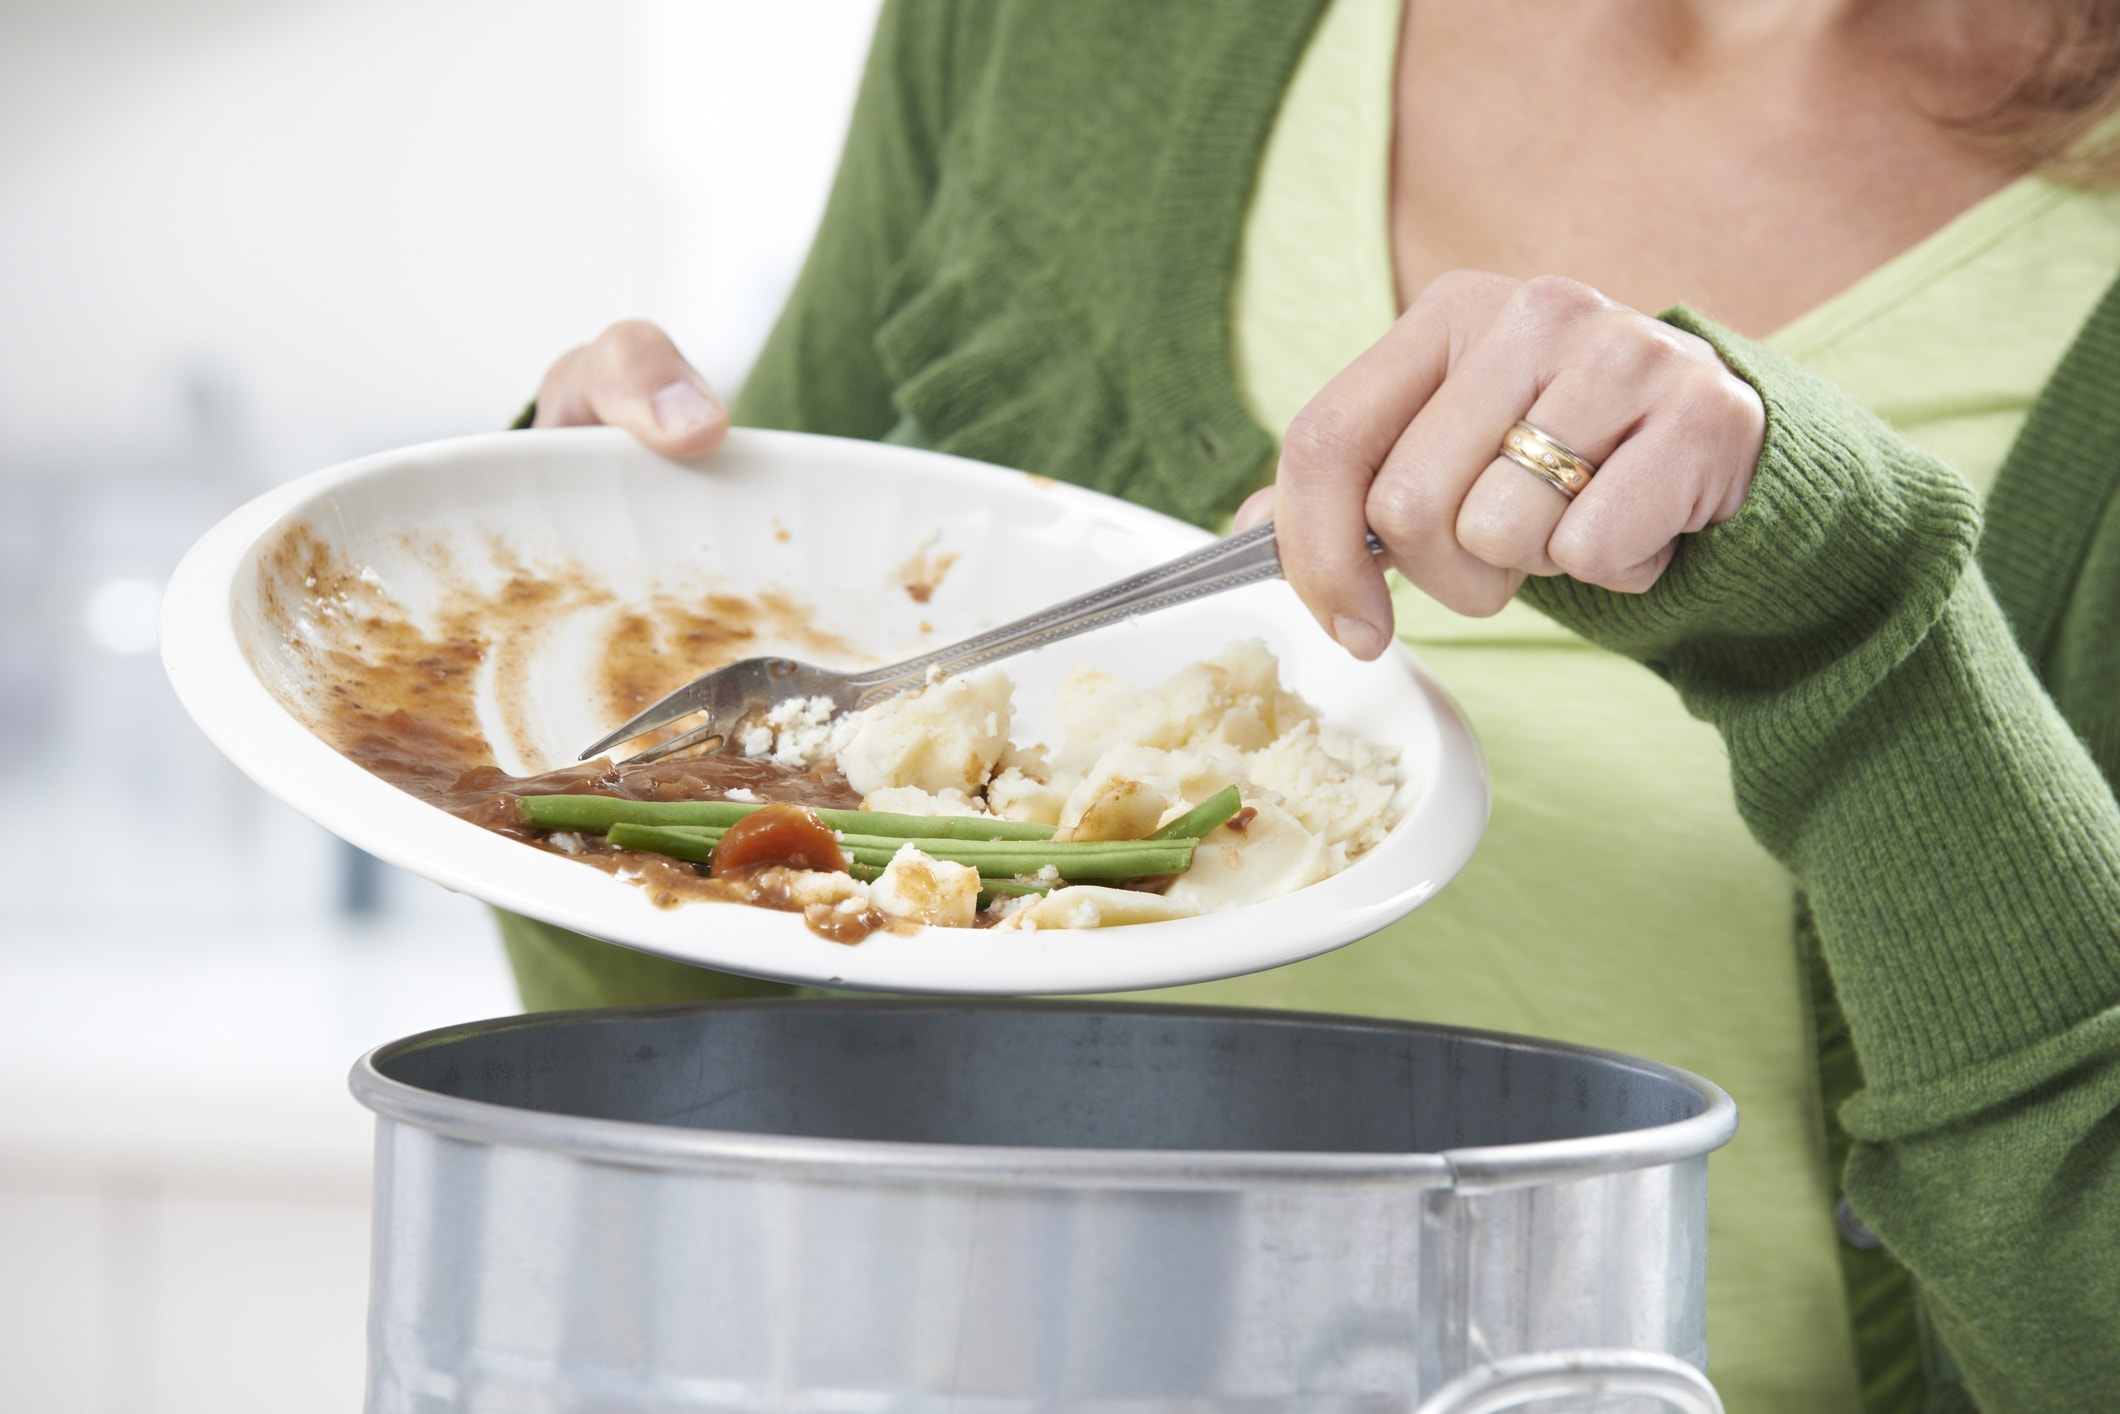 gaspillage_alimentaire_oney_blog.jpg